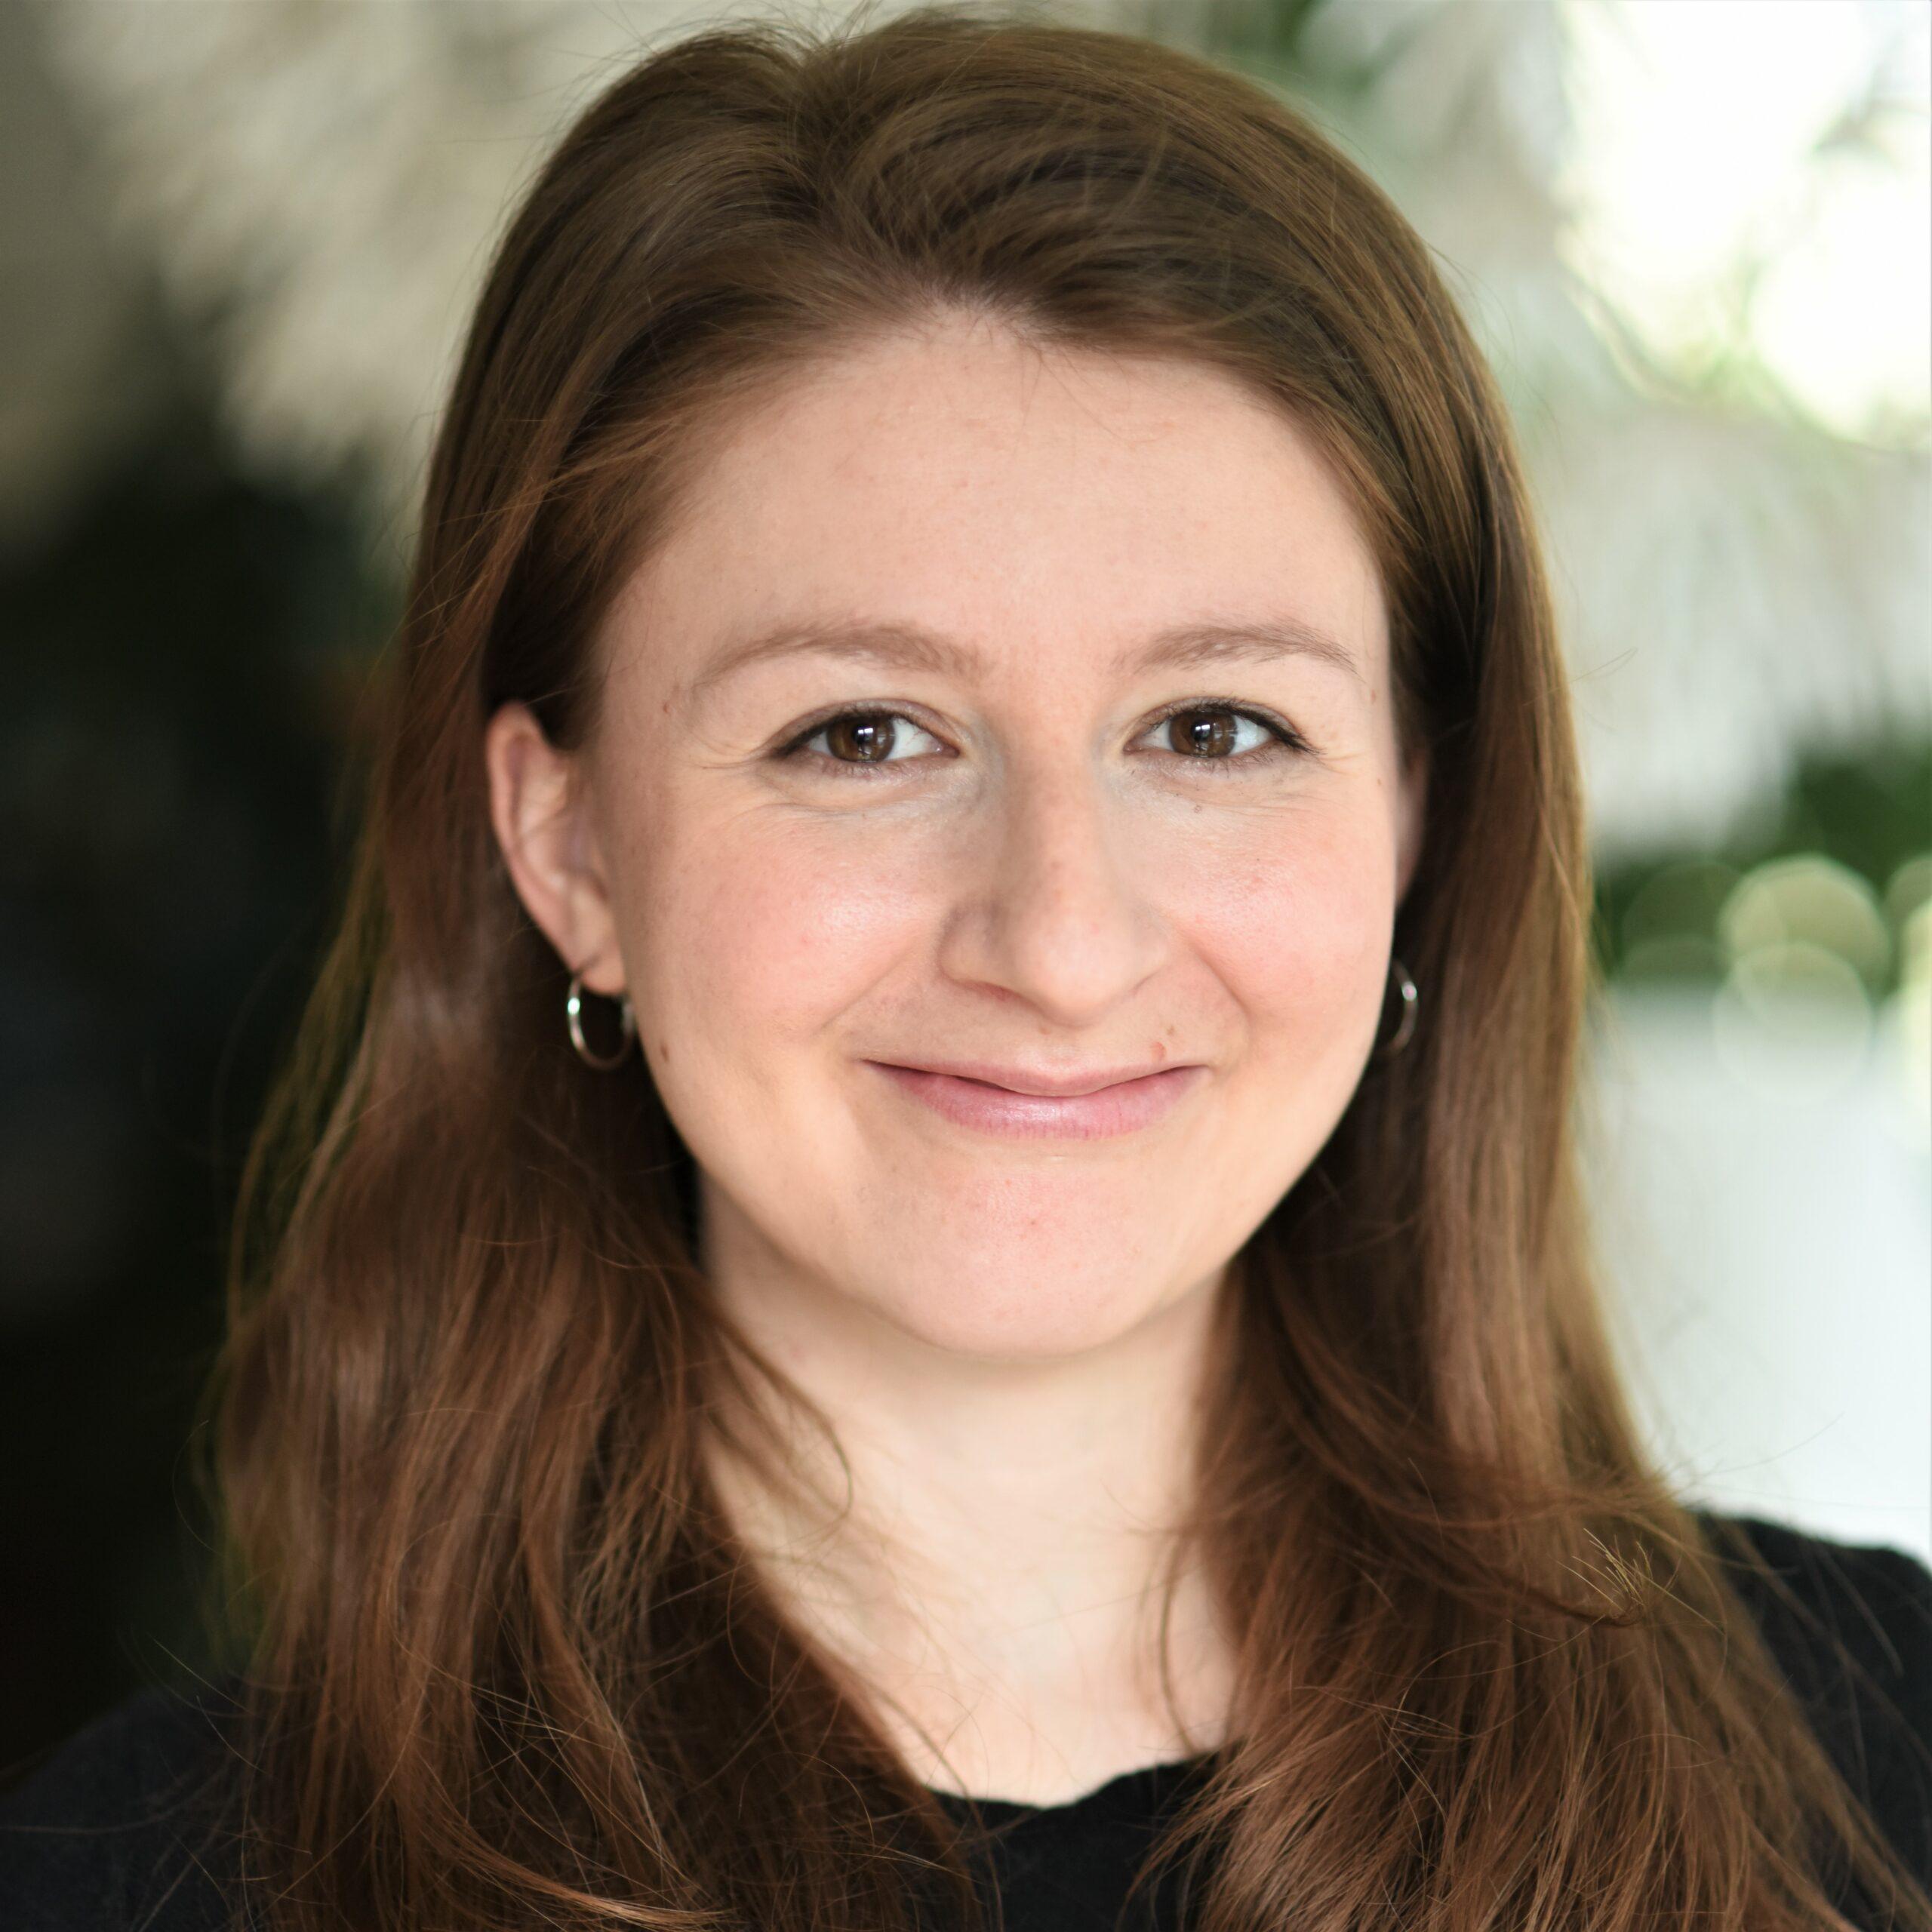 Charlotte Muijs